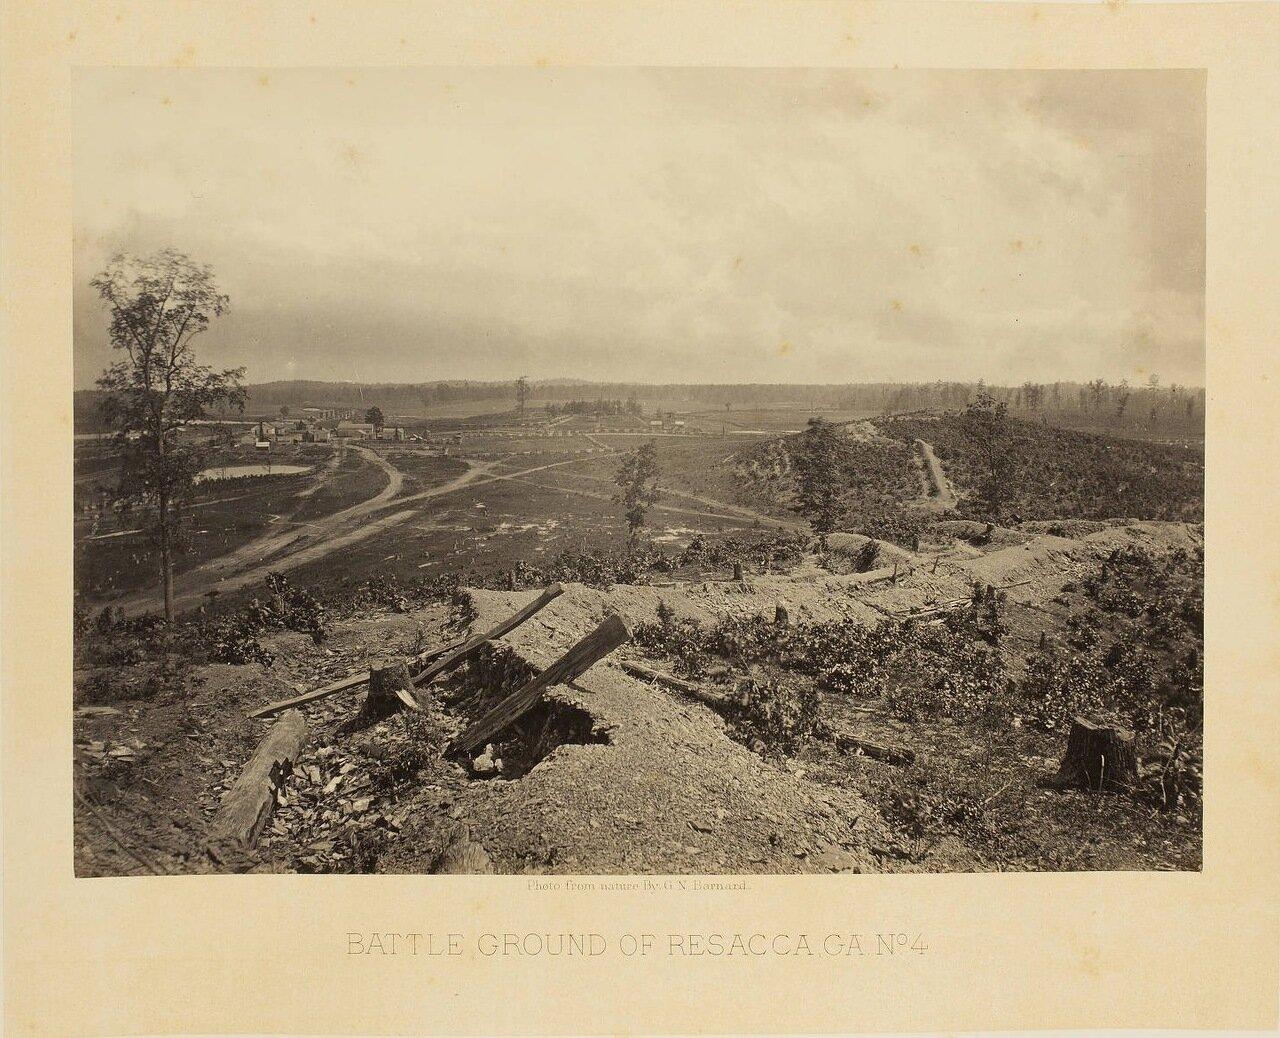 Поле битвы при Ресаке, Джорджия. №4